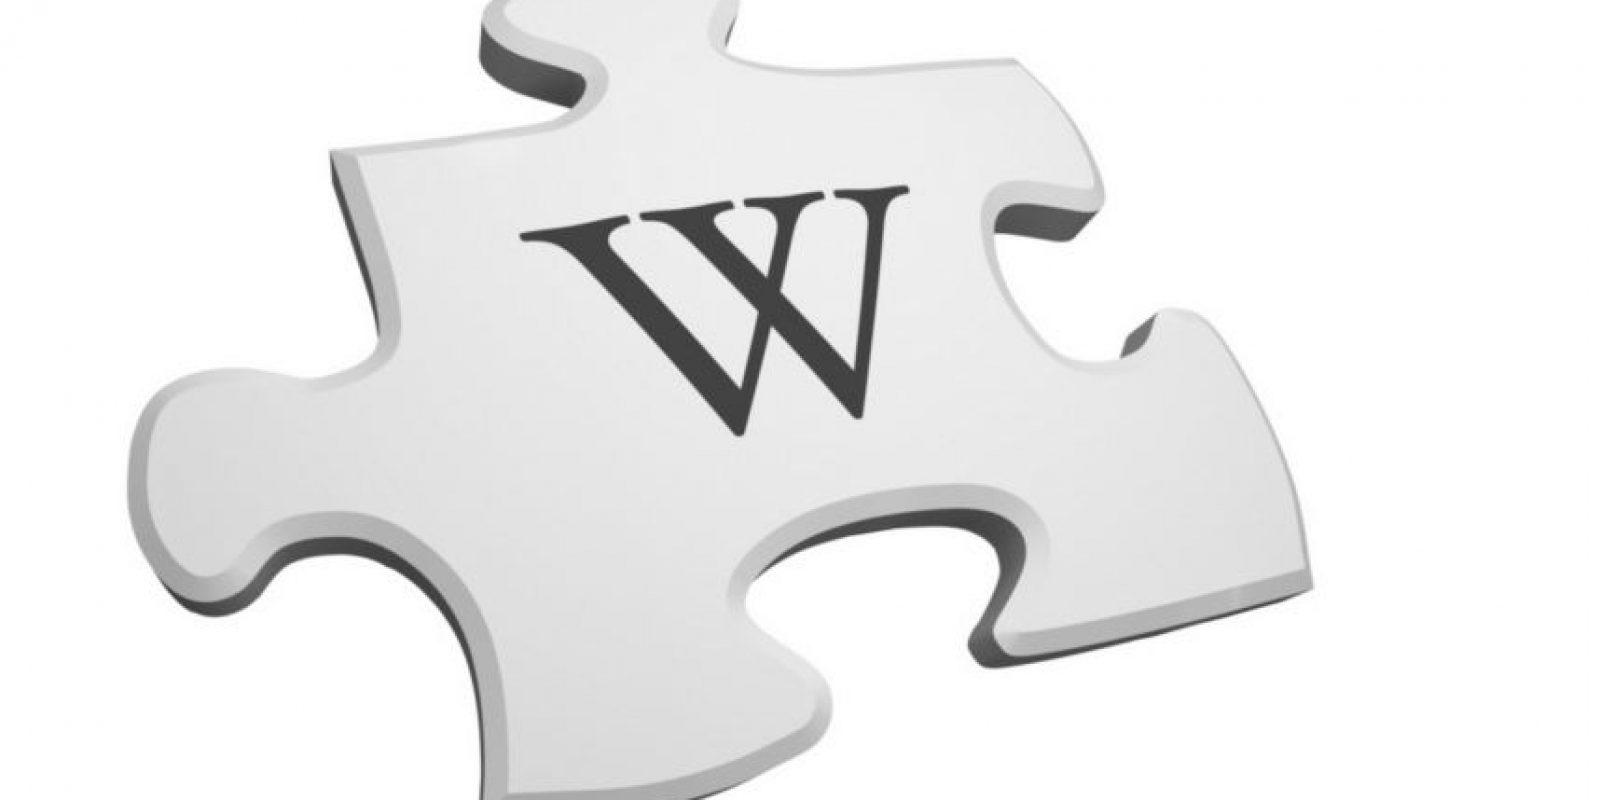 75 mil personas de todo el mundo ayudan o colaboran cada mes con Wikipedia. Más de medio millón de personas leen artículos de Wikipedia cada mes. Foto:Tumblr